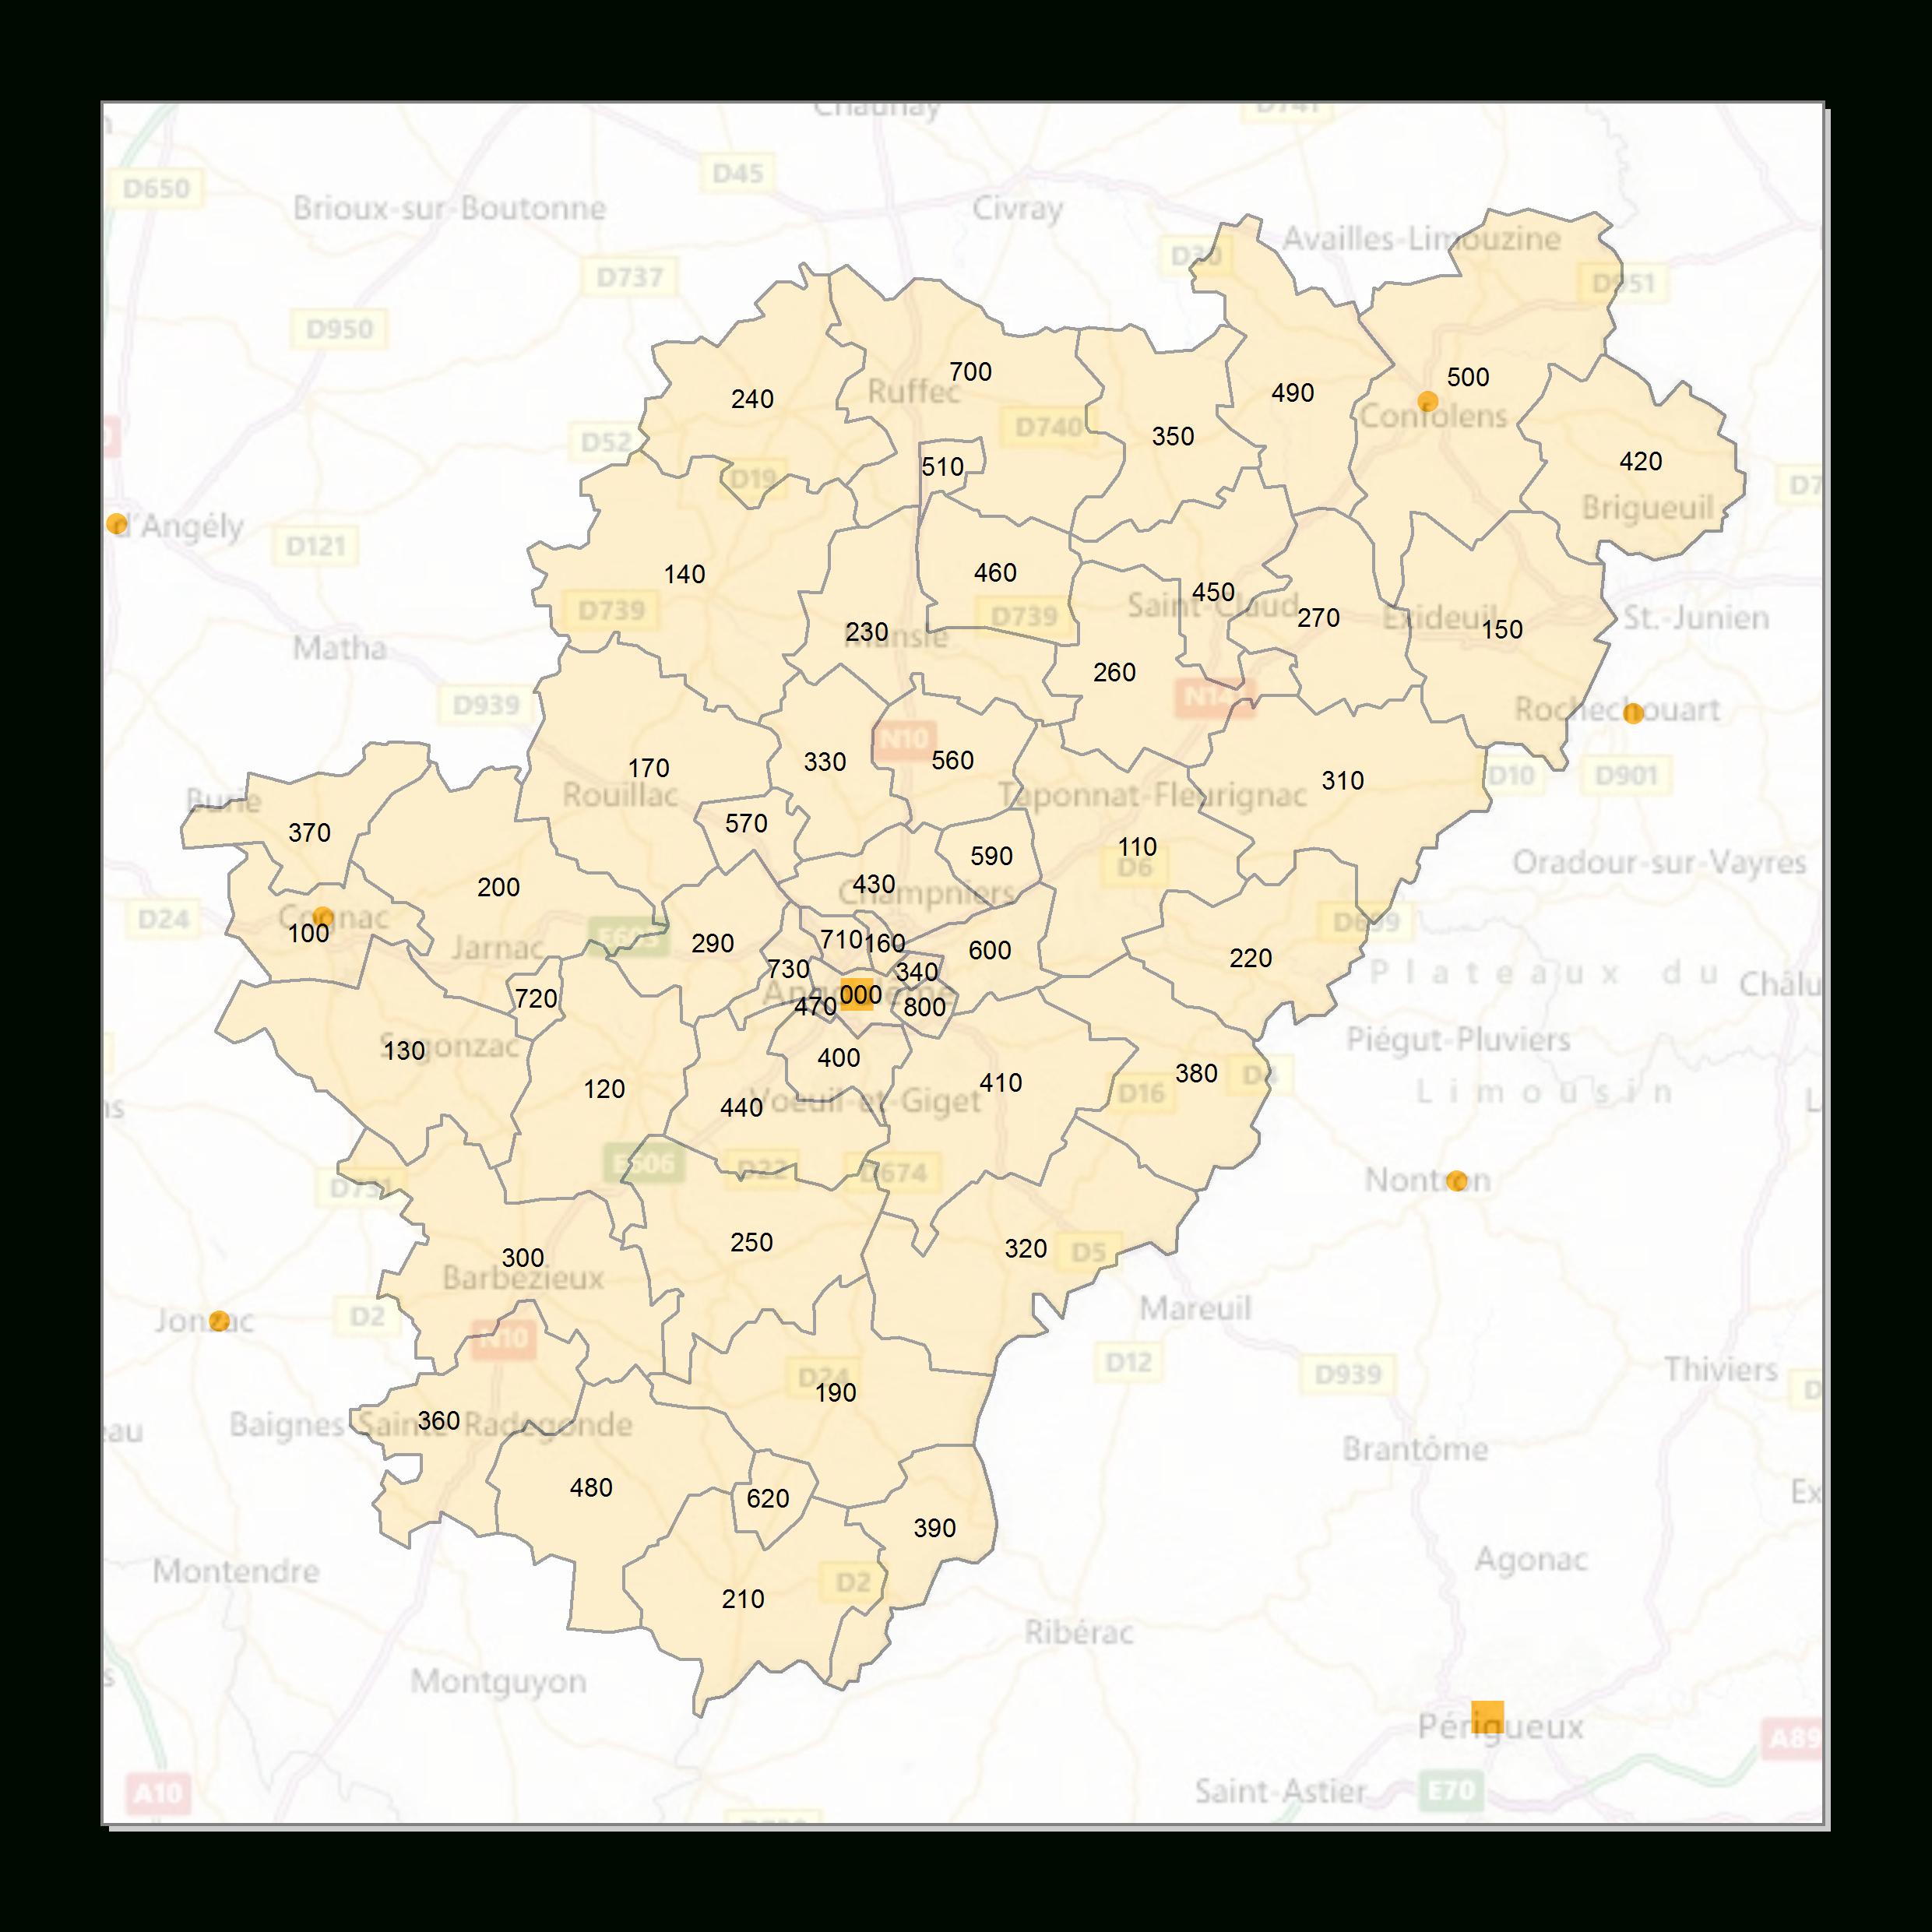 Atlas Des Codes Postaux - Cartes Des Départements De France avec Département 57 Carte